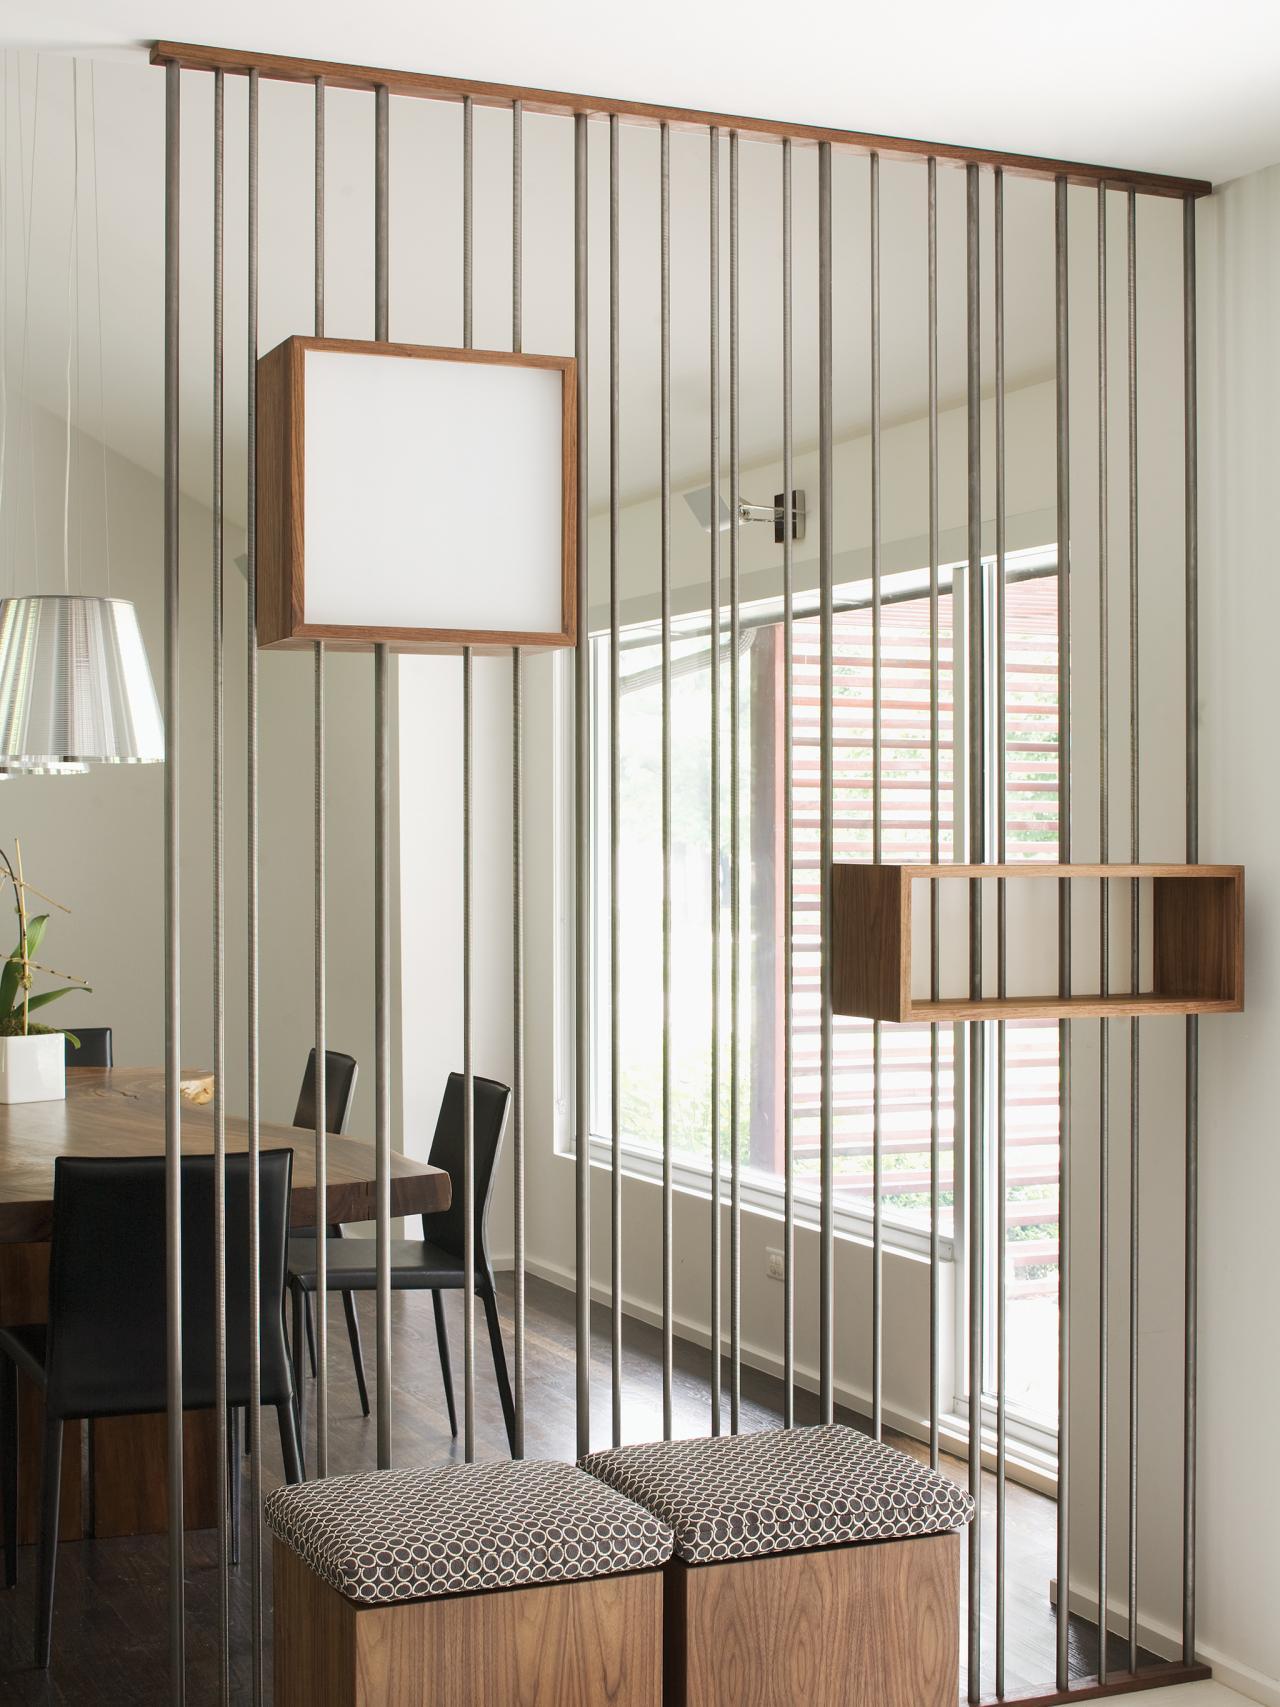 coole Einrichtung und gestaltung kleiner wohnungen mit Esszimmertisch holz und esszimmerstühle schwarz